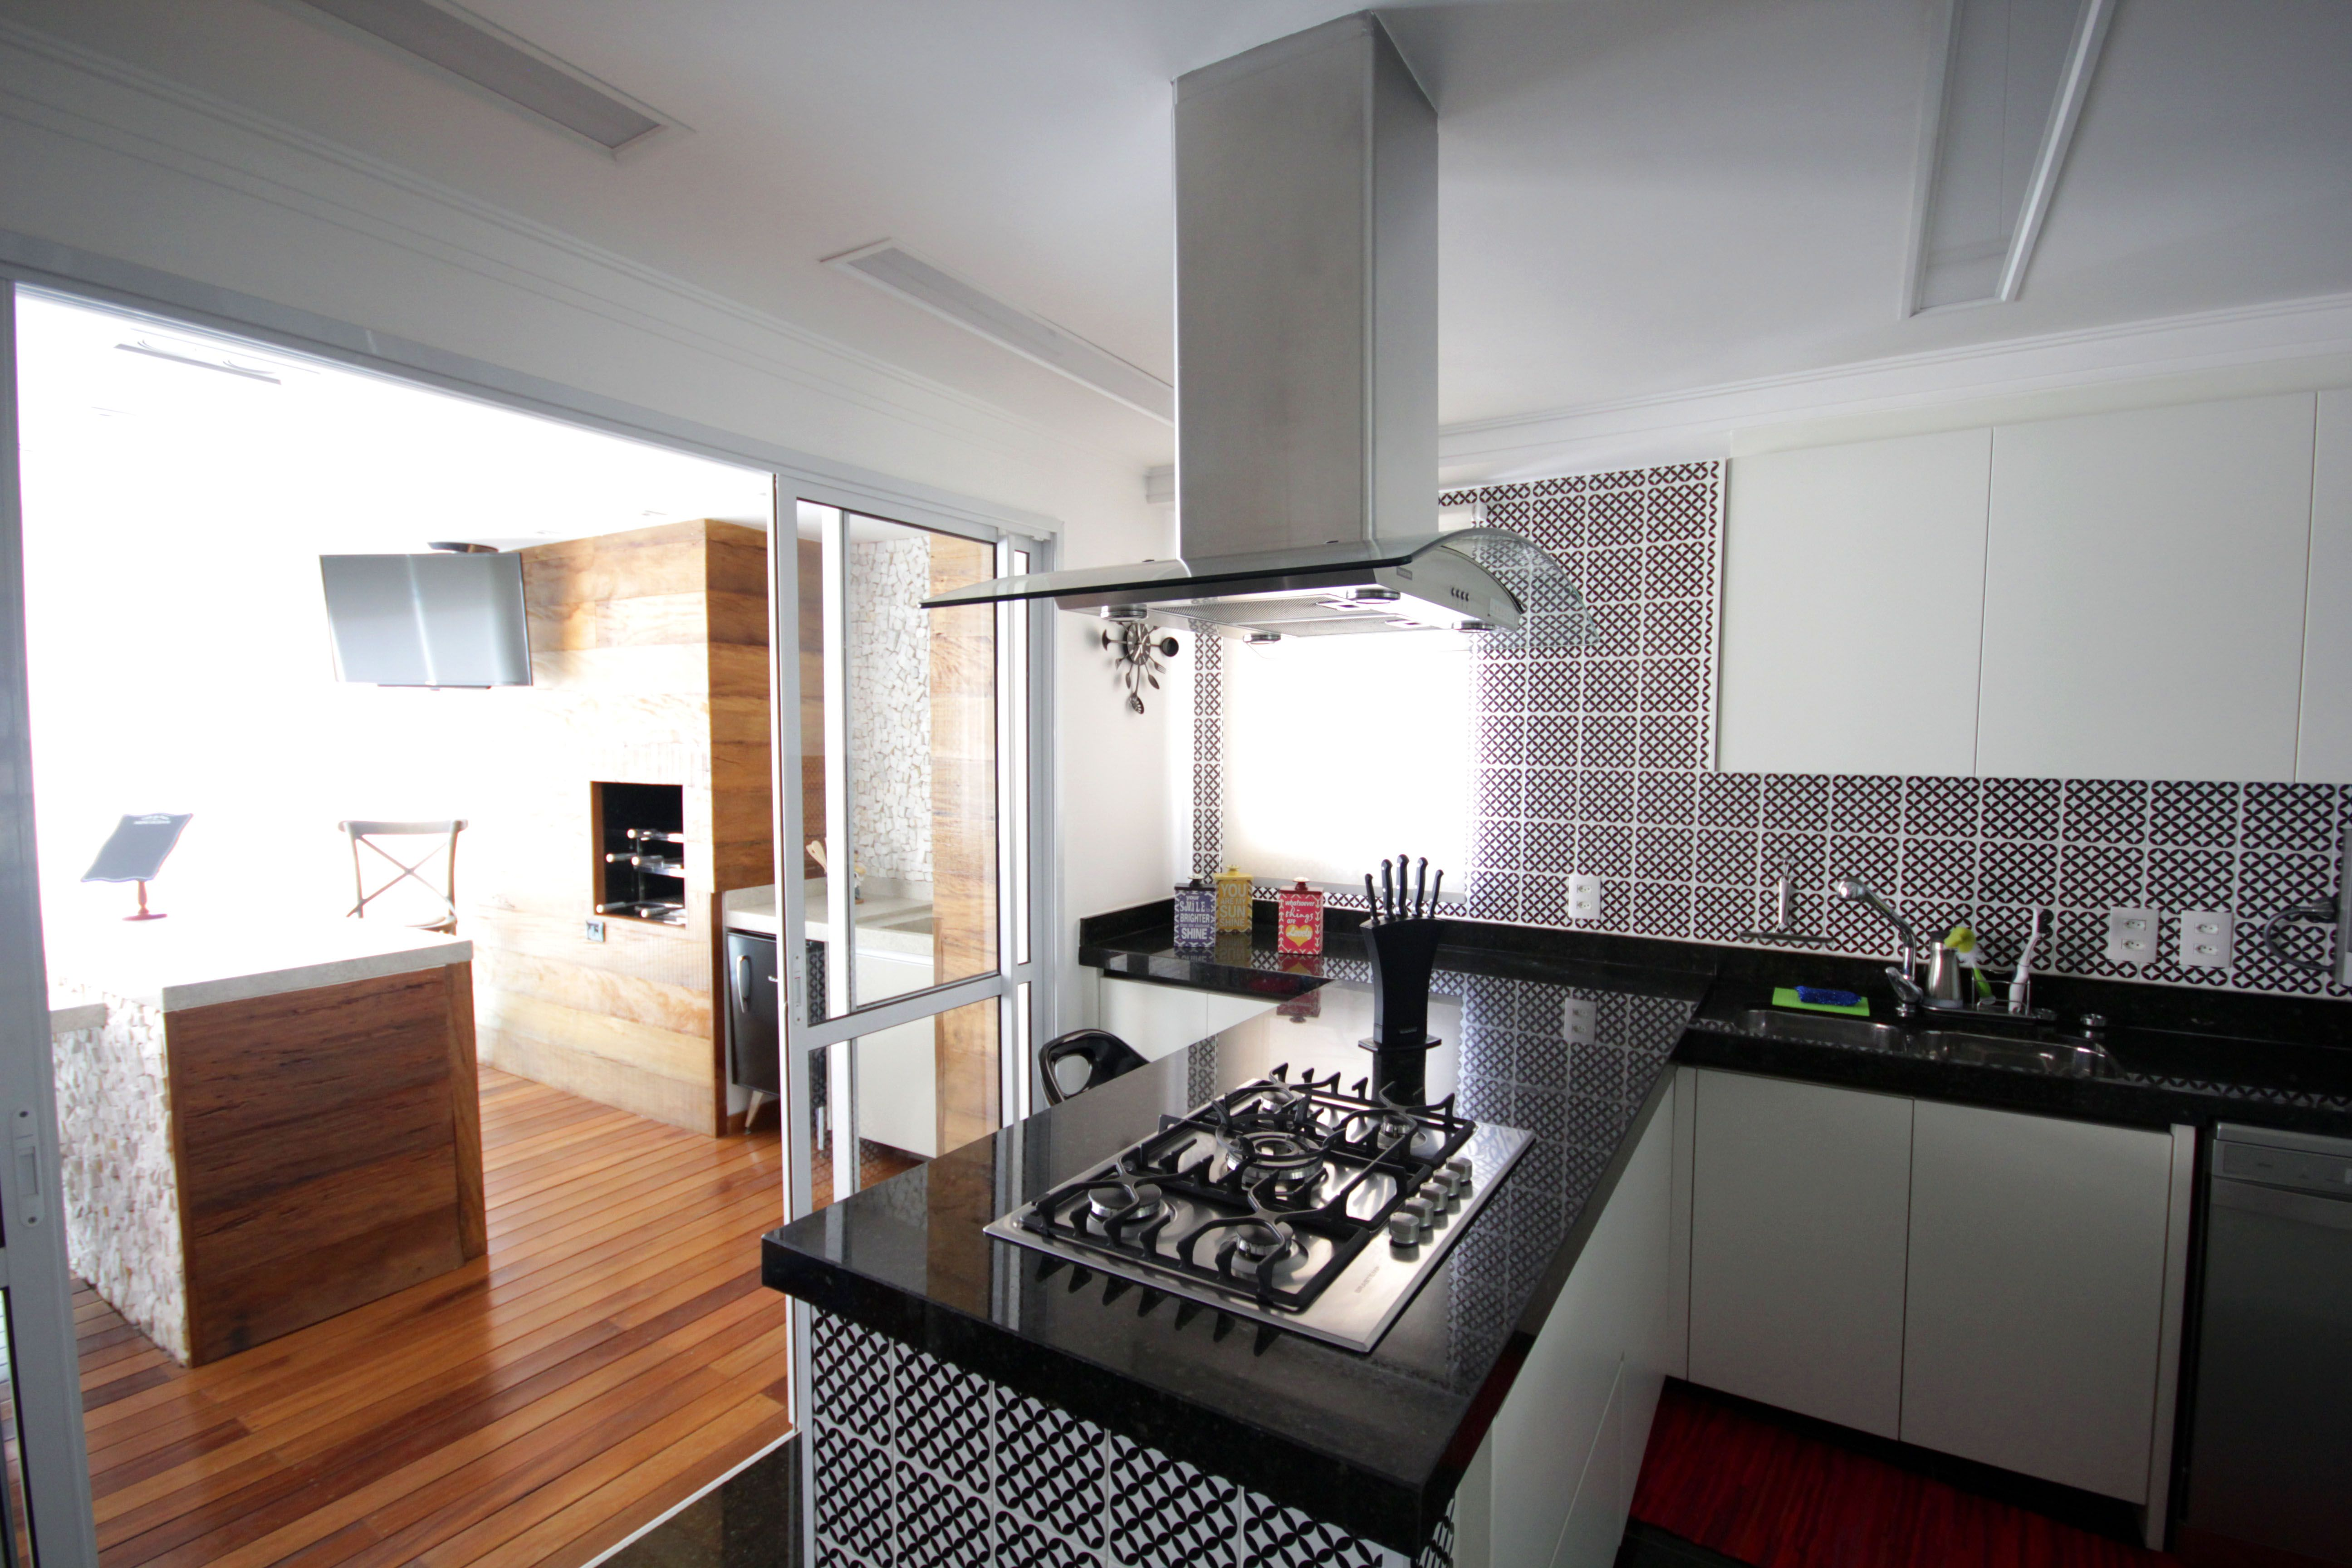 J Pensou Em Uma Cozinha Que Pode Ser Um Espa O De Conviv Ncia Top  ~ Bancada Cozinha Granito Preto